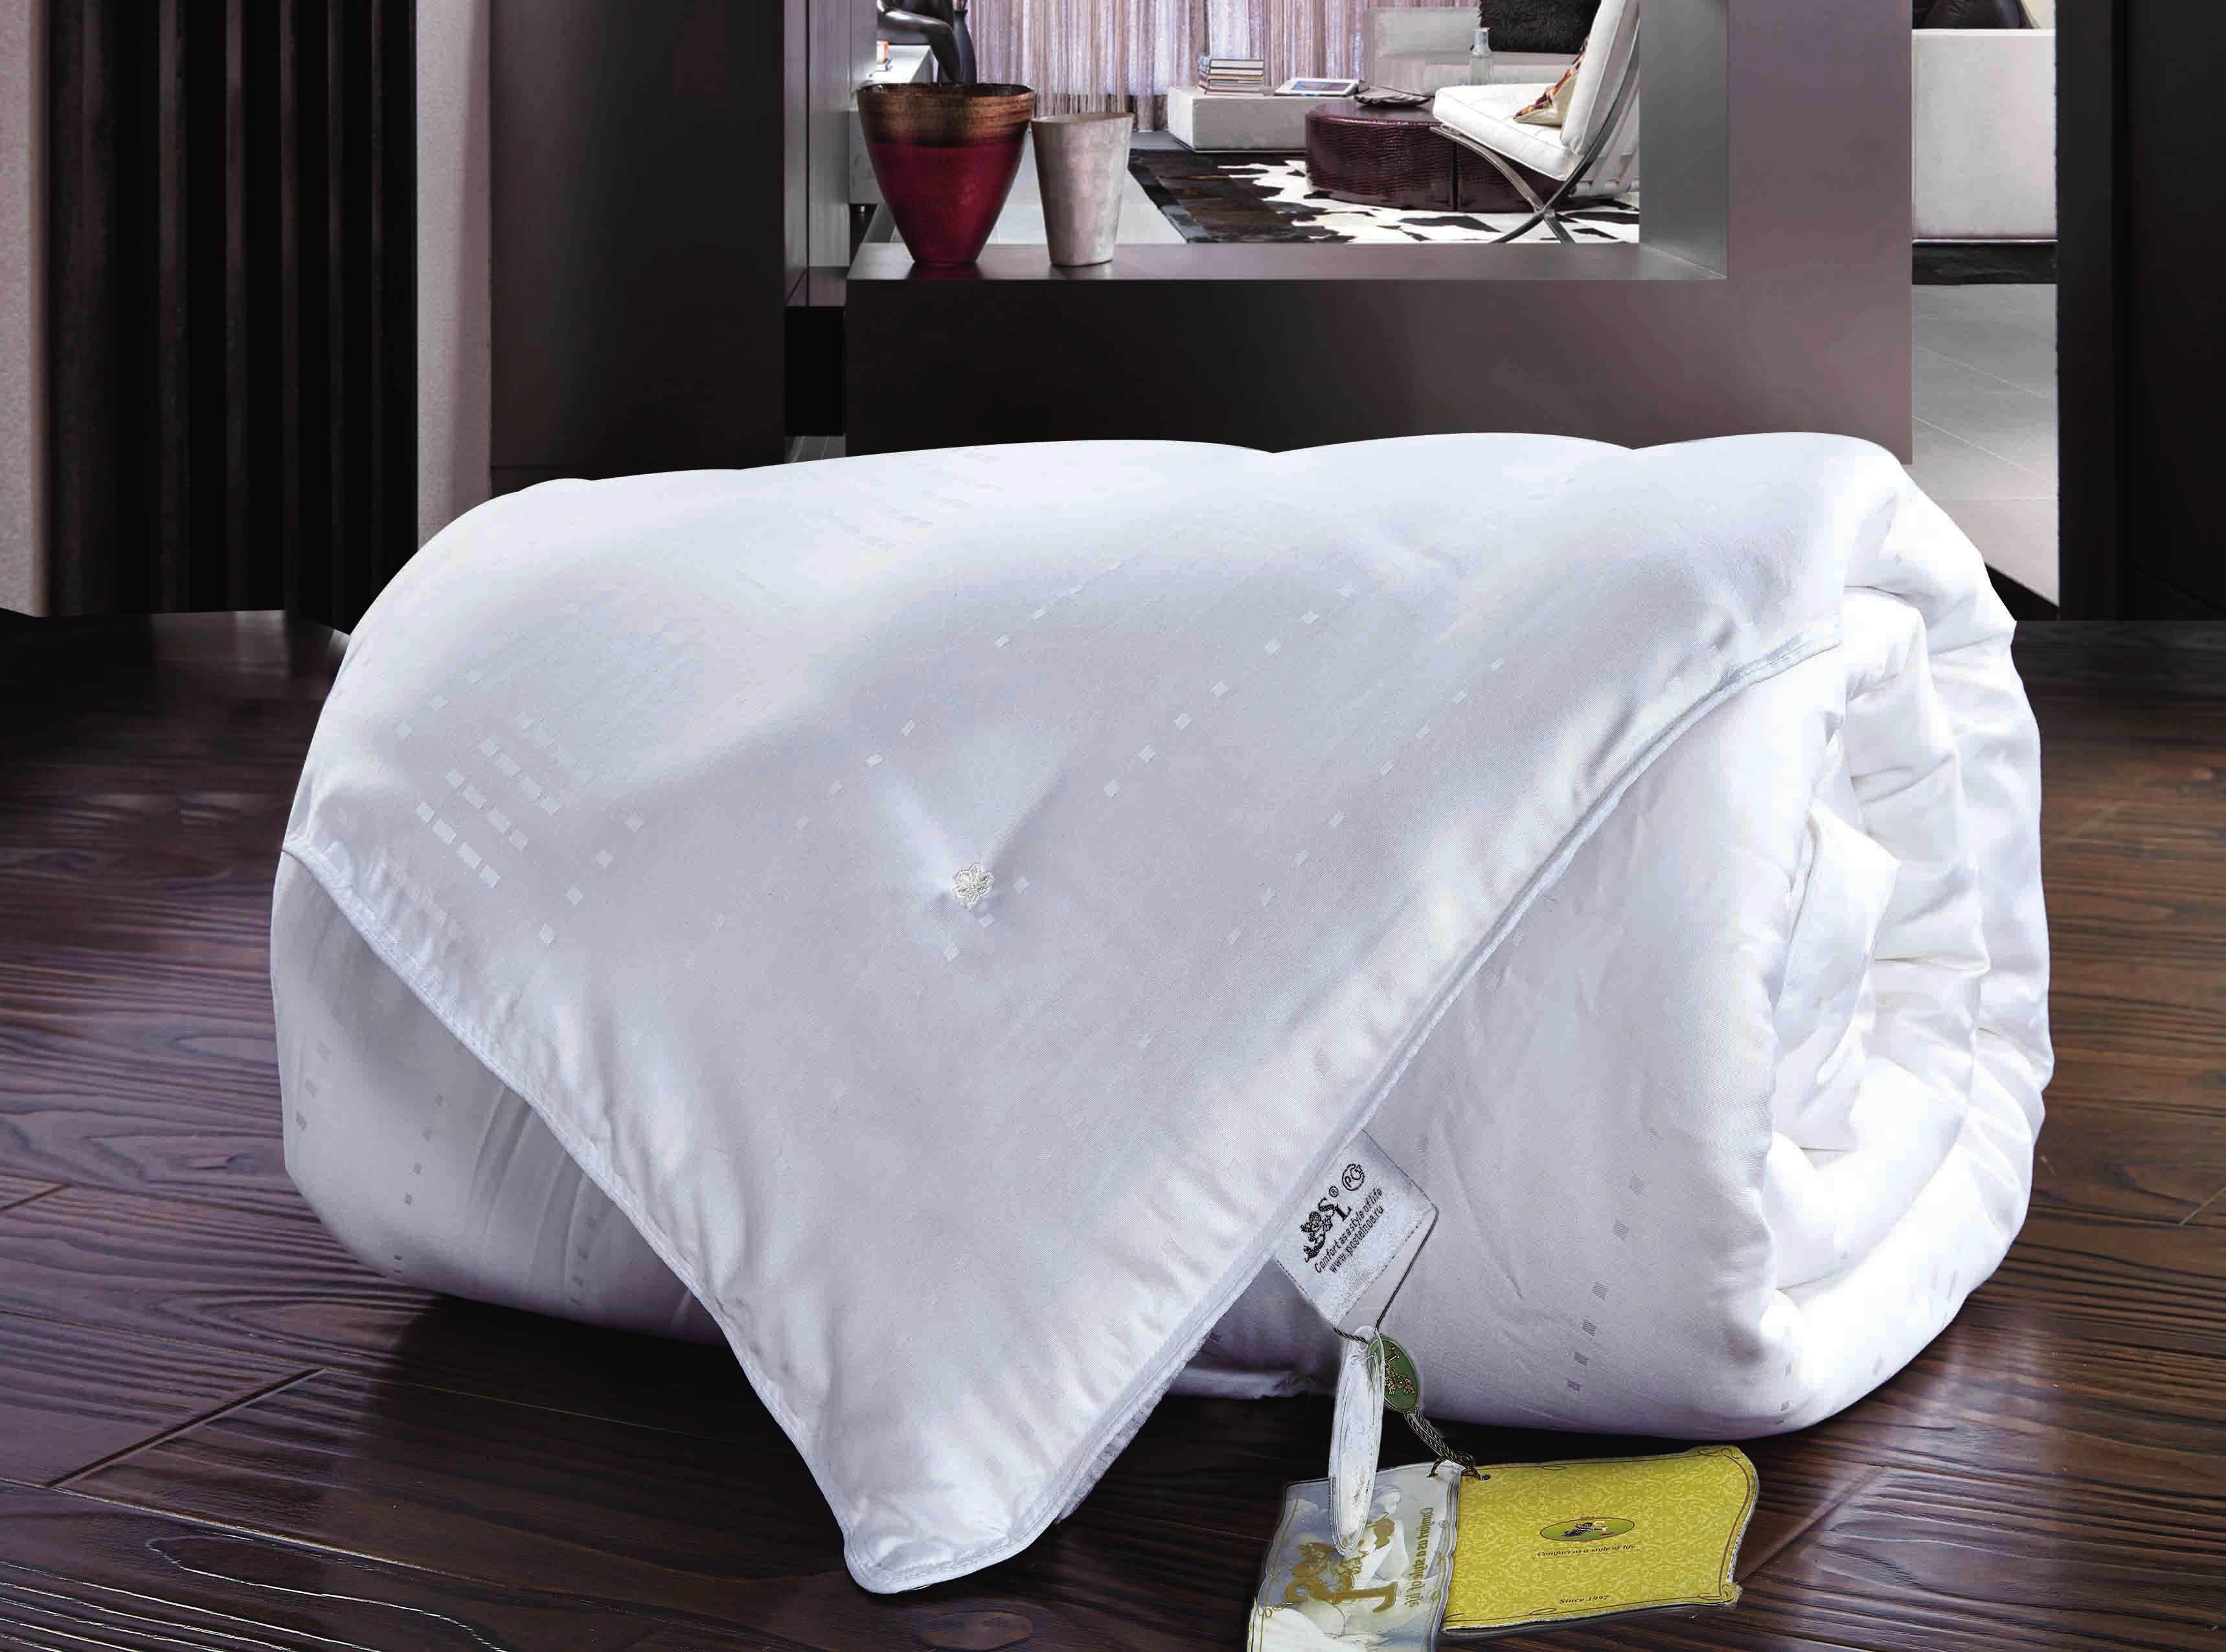 Одеяла SL Одеяло Шелк Всесезонное Цвет: Белый (140х205 см) павлово посадский шелк